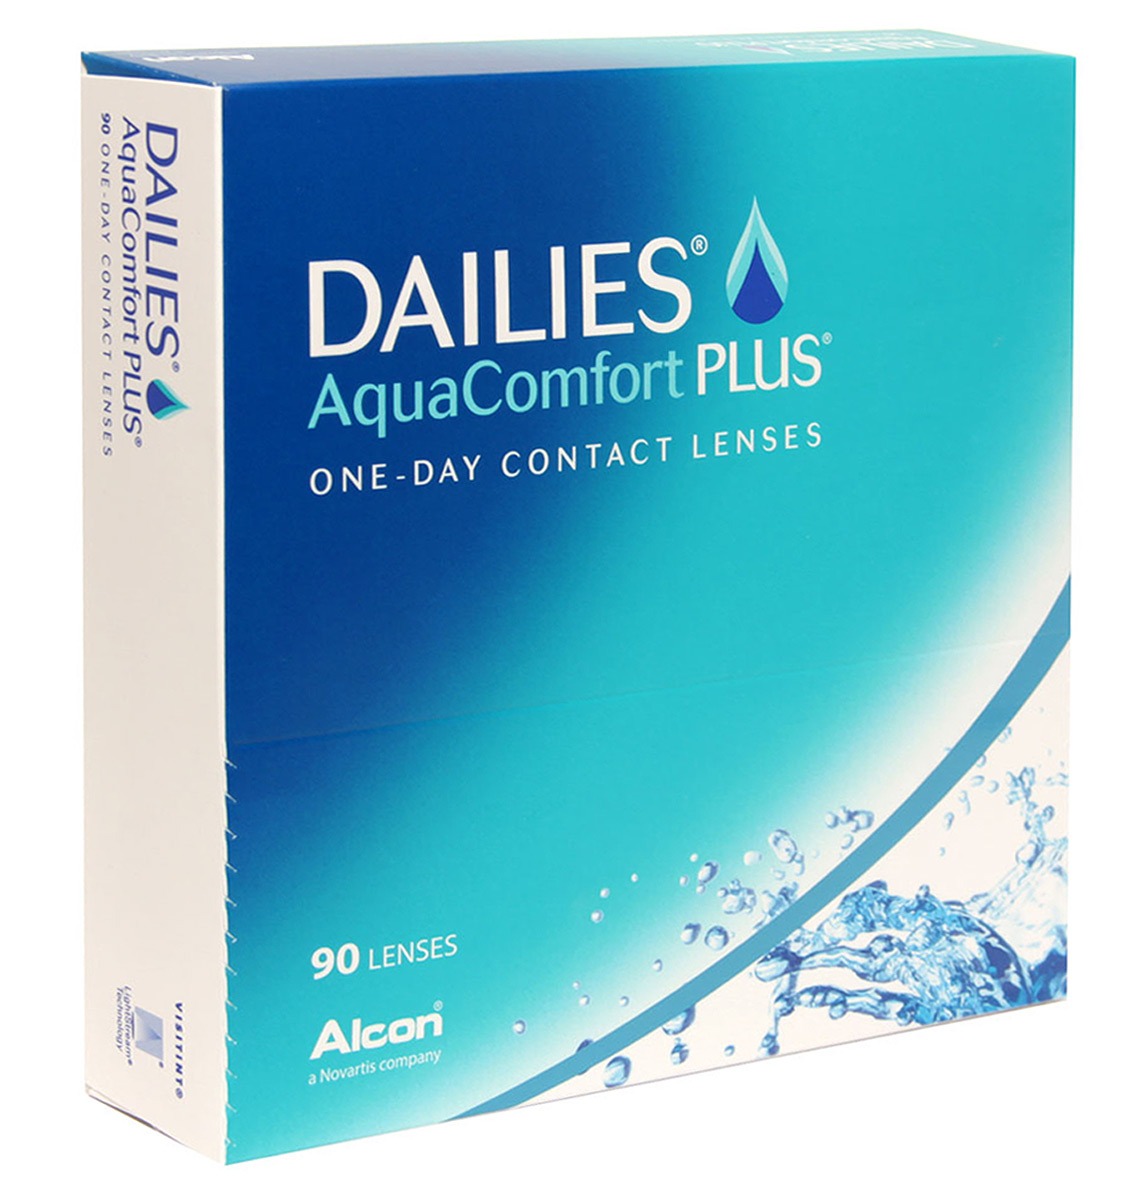 Alcon-CIBA Vision контактные линзы Dailies AquaComfort Plus (90шт / 8.7 / 14.0 / -1.75)38261Dailies AquaComfort Plus - это одни из самых популярных однодневных линз производства компании Ciba Vision. Эти линзы пользуются огромной популярностью во всем мире и являются на сегодняшний день самыми безопасными контактными линзами. Изготавливаются линзы из современного, 100% безопасного материала нелфилкон А. Особенность этого материала в том, что он легко пропускает воздух и хорошо сохраняет влагу. Однодневные контактные линзы Dailies AquaComfort Plus не нуждаются в дополнительном уходе и затратах, каждый день вы надеваете свежую пару линз. Дизайн линзы биосовместимый, что гарантирует безупречный комфорт. Самое главное достоинство Dailies AquaComfort Plus - это их уникальная система увлажнения. Благодаря этой разработке линзы увлажняются тремя различными агентами. Первый компонент, ухаживающий за линзами, находится в растворе, он как бы обволакивает линзу, обеспечивая чрезвычайно комфортное надевание. Второй агент выделяется на протяжении всего дня, он непрерывно смачивает линзы. Третий - увлажняющий агент, выделяется во время моргания, благодаря ему поддерживается постоянный комфорт. Также линзы имеют УФ-фильтр, который будет заботиться о ваших глазах. Dailies AquaComfort Plus - одни из лучших линз в своей категории. Всемирно известная компания Ciba Vision, создавая эти контактные линзы, попыталась учесть все потребности пациентов и ей это удалось! Характеристики:Материал: нелфилкон А. Кривизна: 8.6. Оптическая сила: - 1.75. Содержание воды: 69%. Диаметр: 13,8 мм. Количество линз: 90 шт. Размер упаковки: 15 см х 15,5 см х 3 см. Производитель: США. Товар сертифицирован.Контактные линзы или очки: советы офтальмологов. Статья OZON Гид